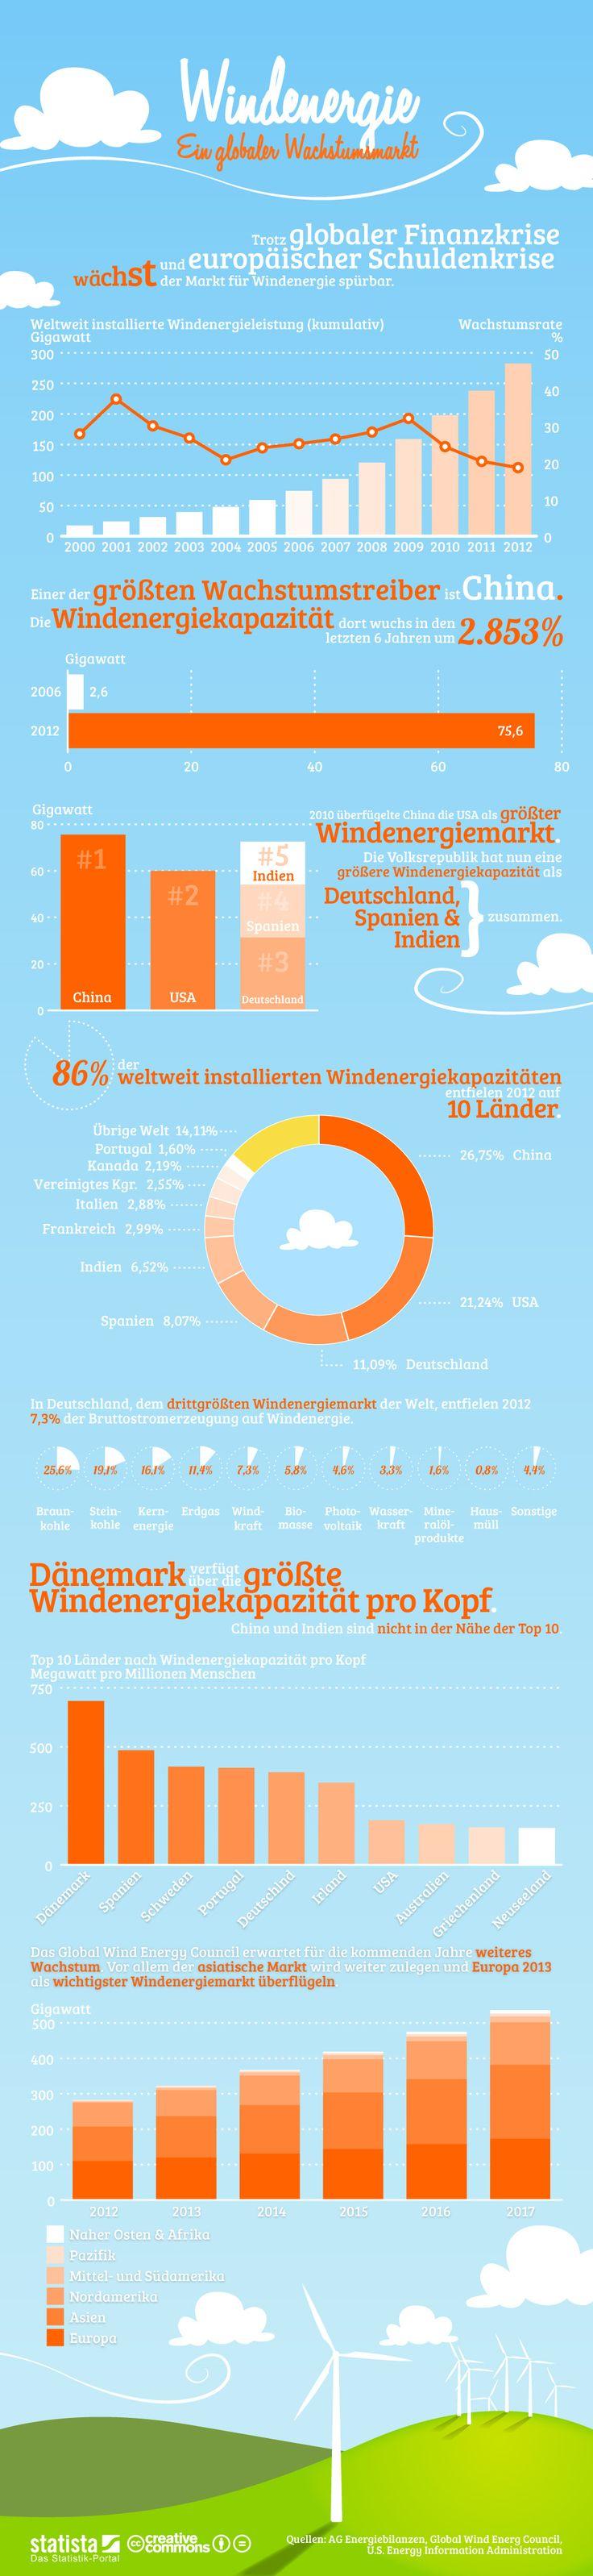 Infografik: Windenergie  Daten zur Entwicklung des globalen Marktes für Windendergie. #statista #infografik